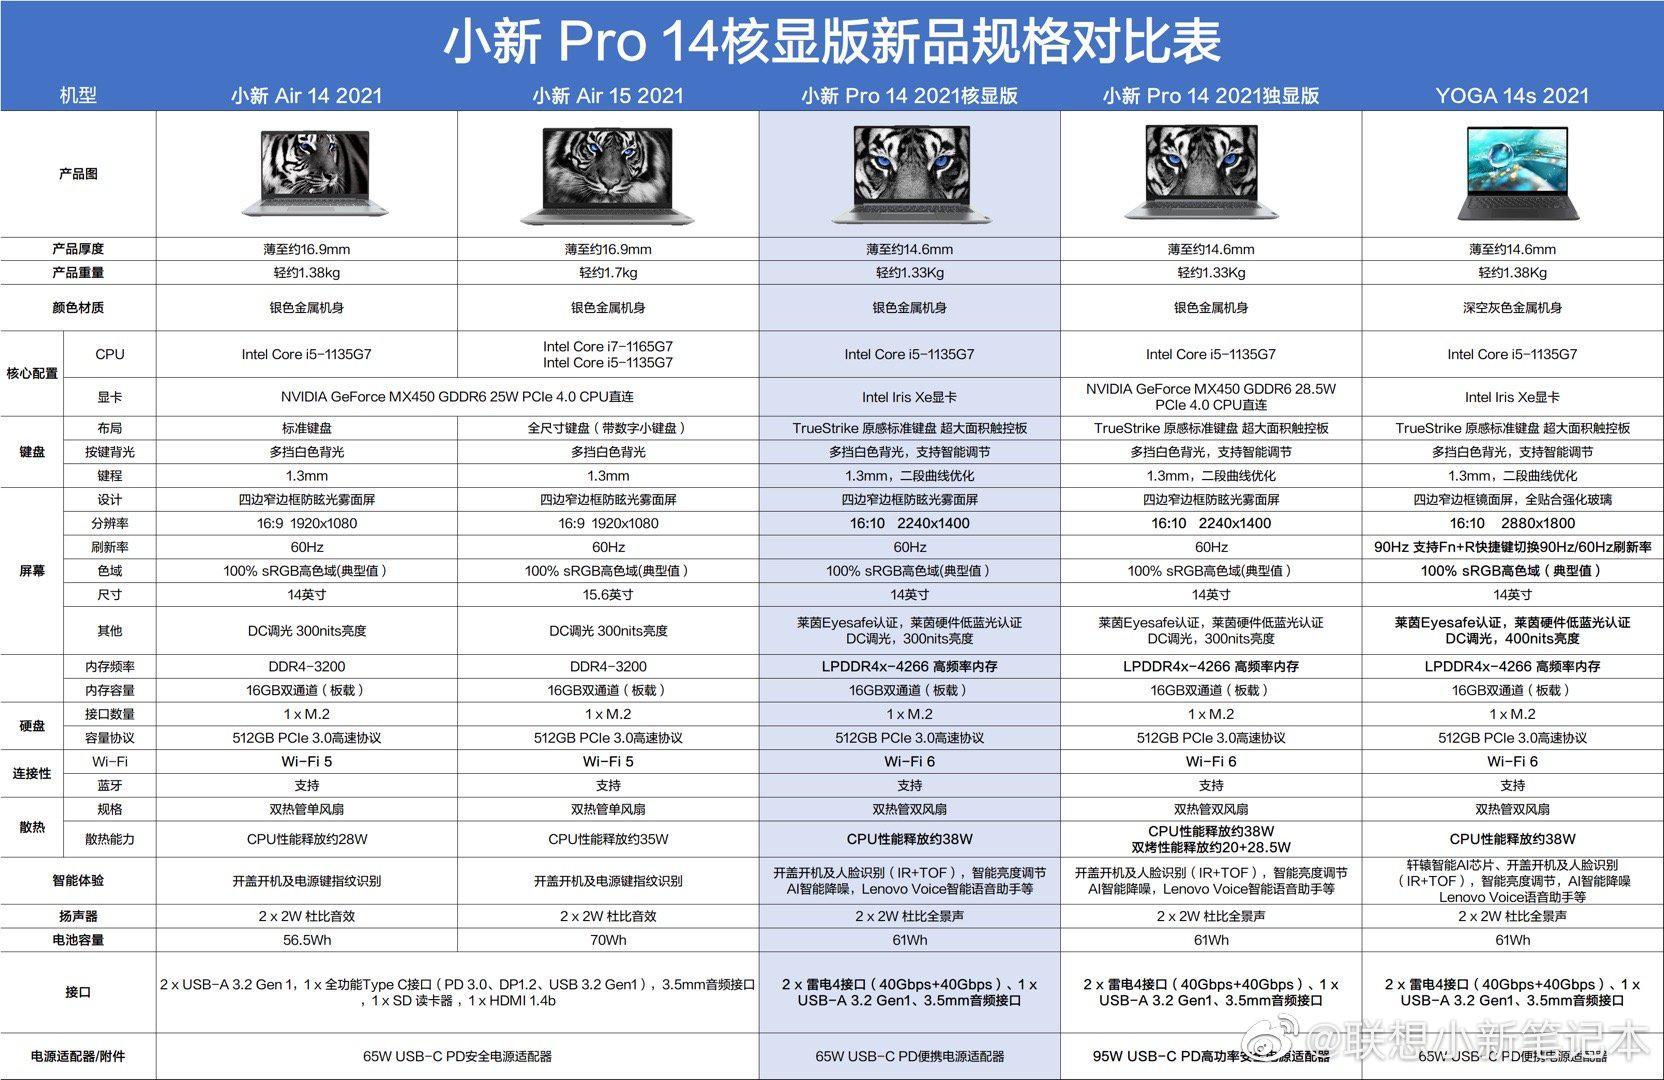 联想小新 Pro 14 核显版新品规格对比:Air、Pro、YOGA